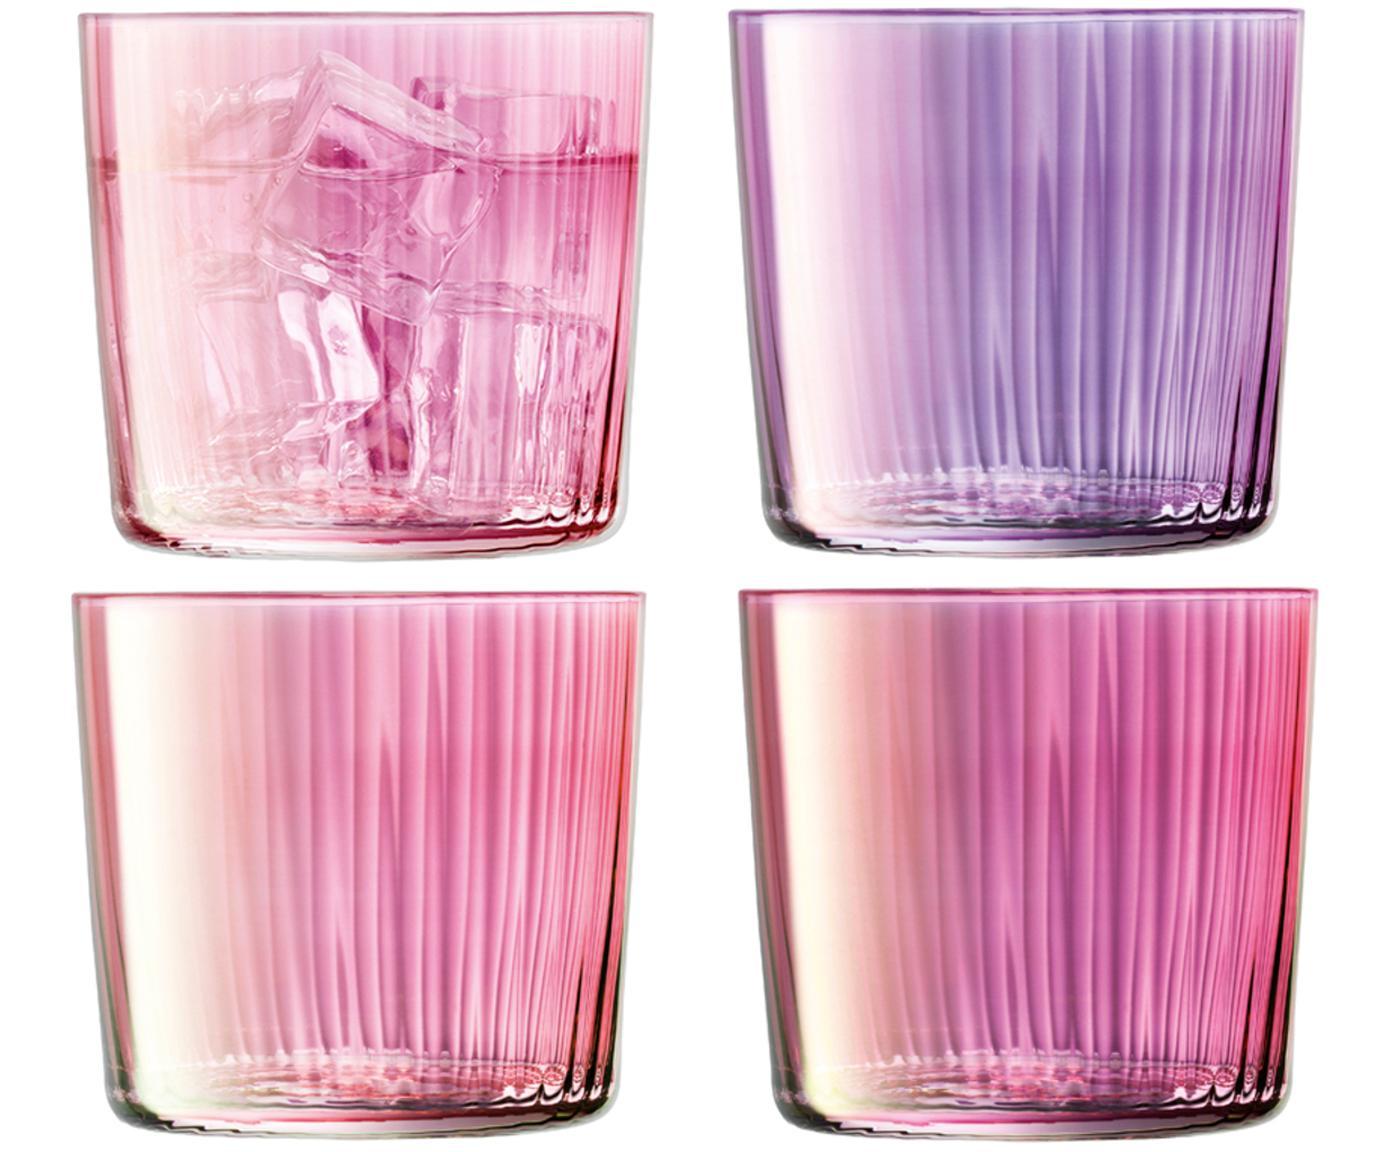 Vasos con relieve de vidrio soplados Gemas, 4uds., Vidrio soplado artesanalmente, Tonos rosas y lilas, Ø 8 x Al 7 cm